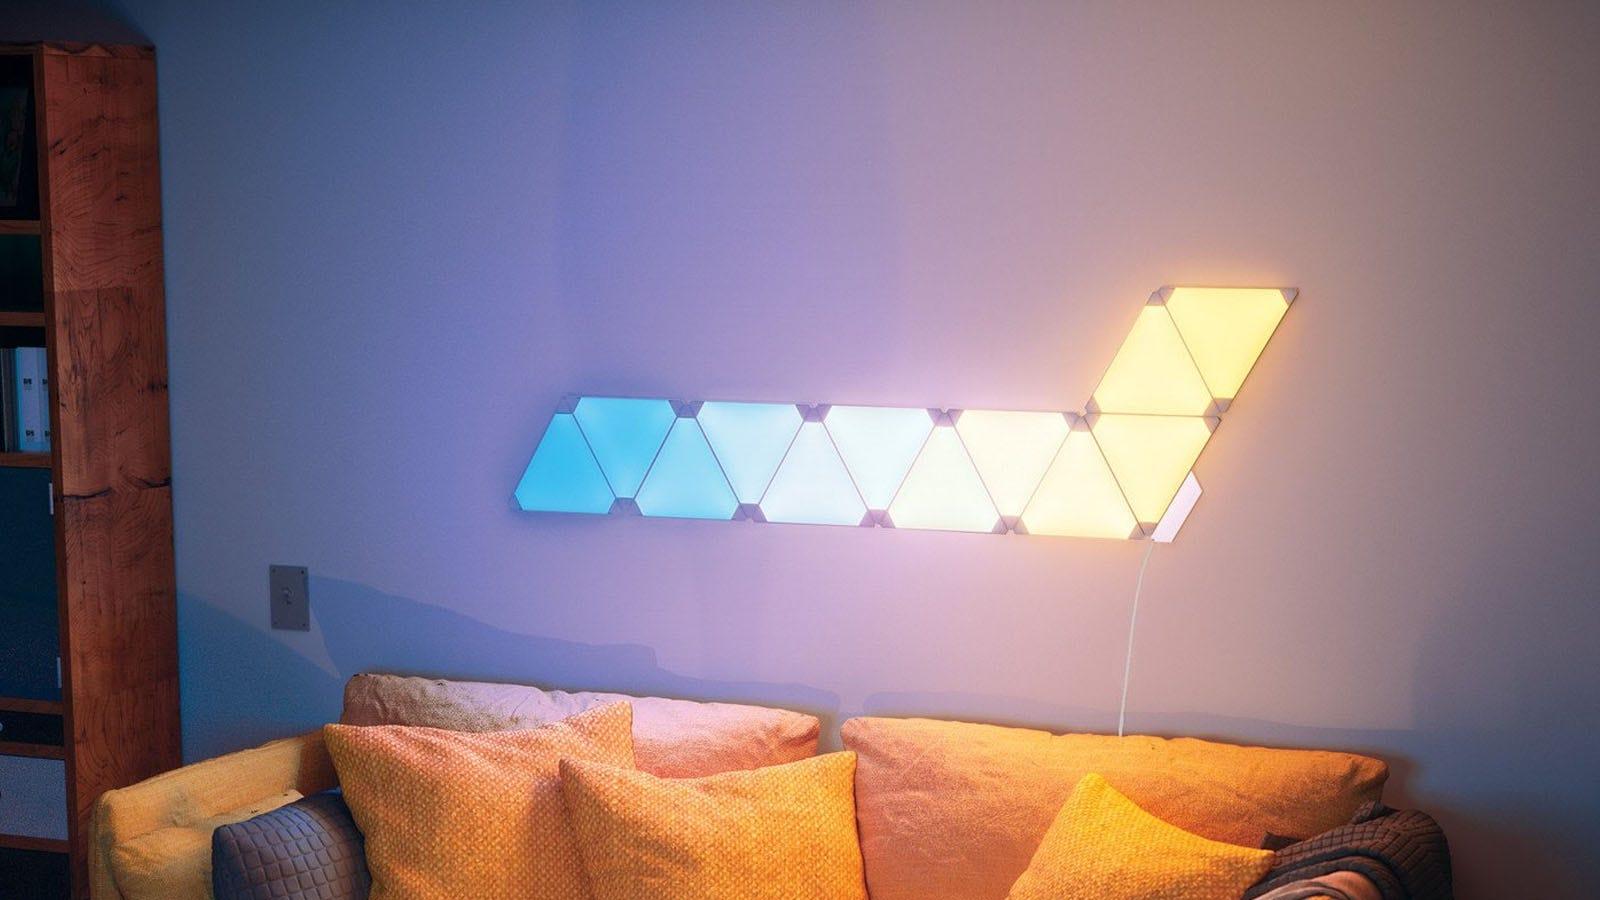 Beste Akzentbeleuchtung für Wohnheim-Zimmer | AllInfo